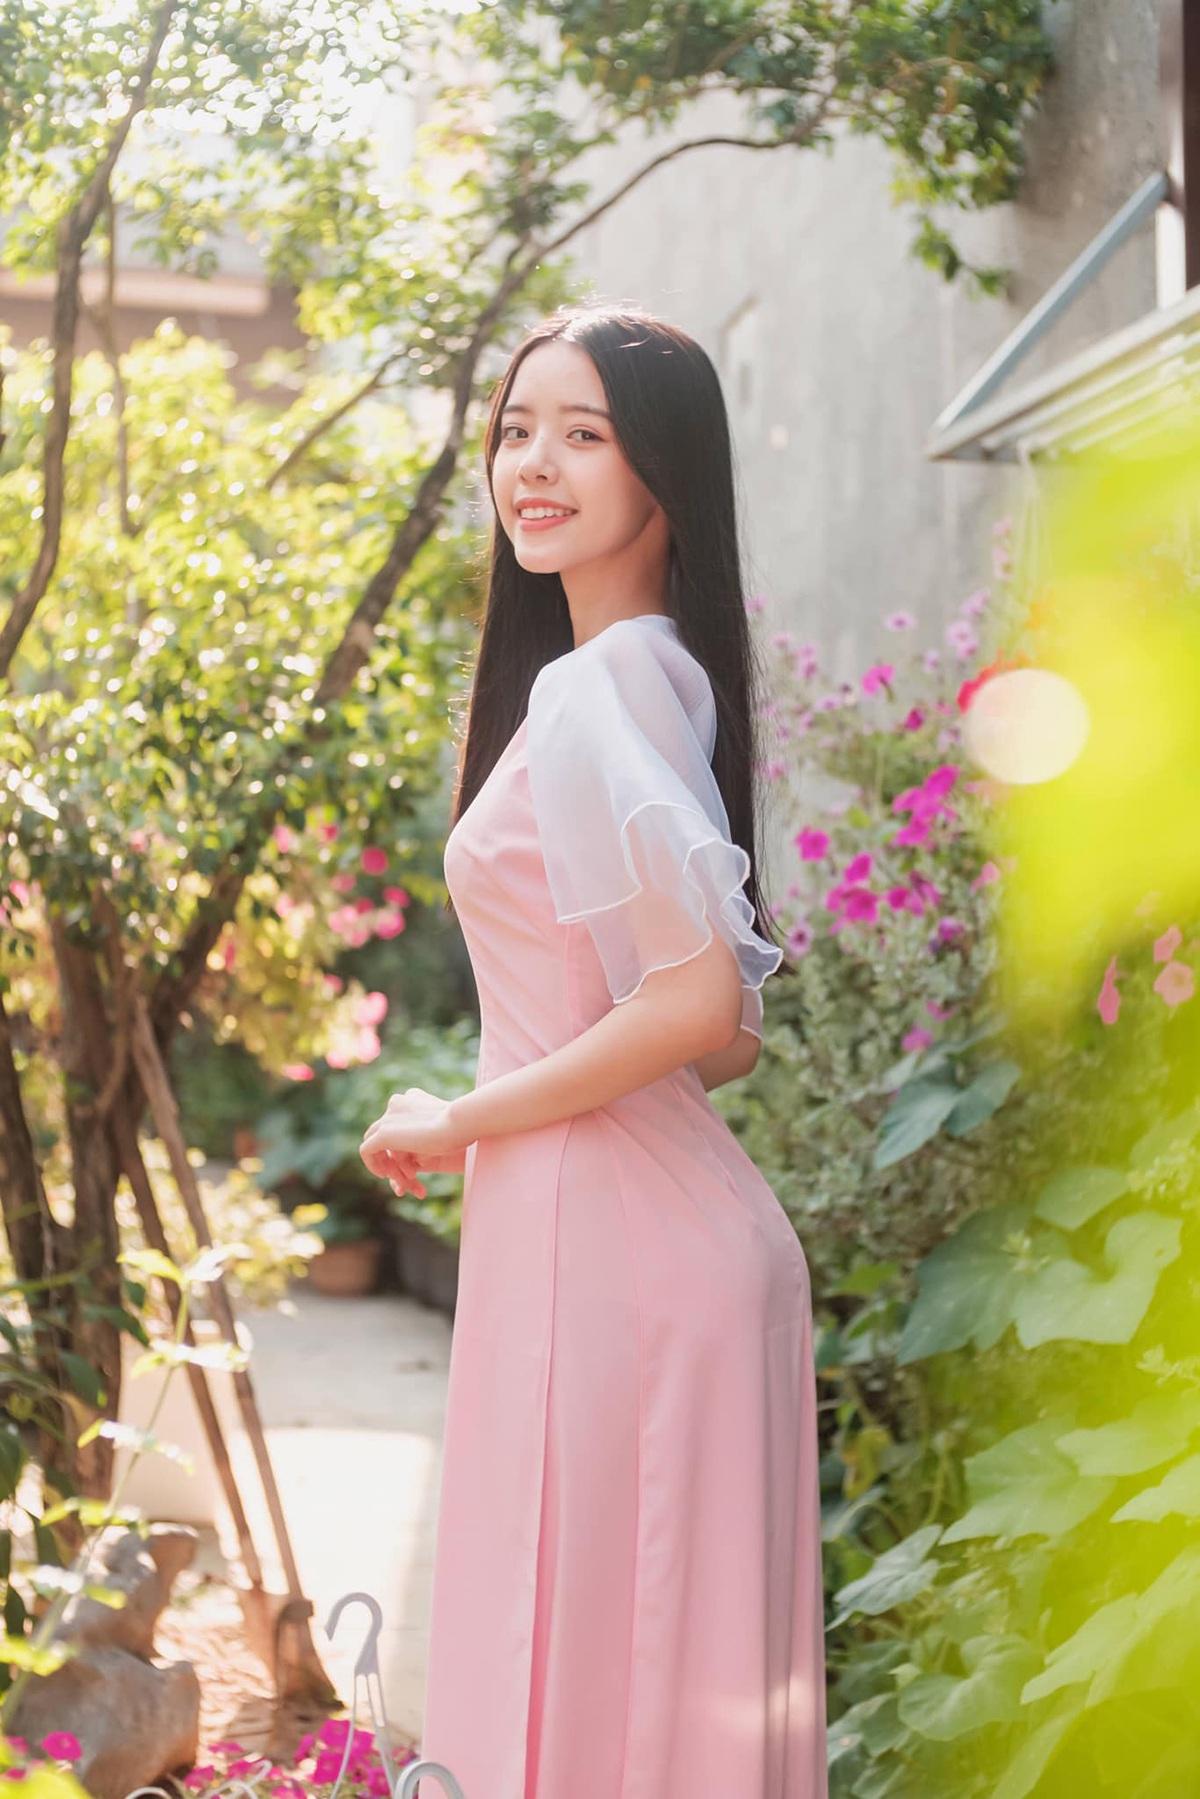 Nữ sinh Đà Nẵng khoe sắc xuân thì trong tà áo dài duyên dáng - 4